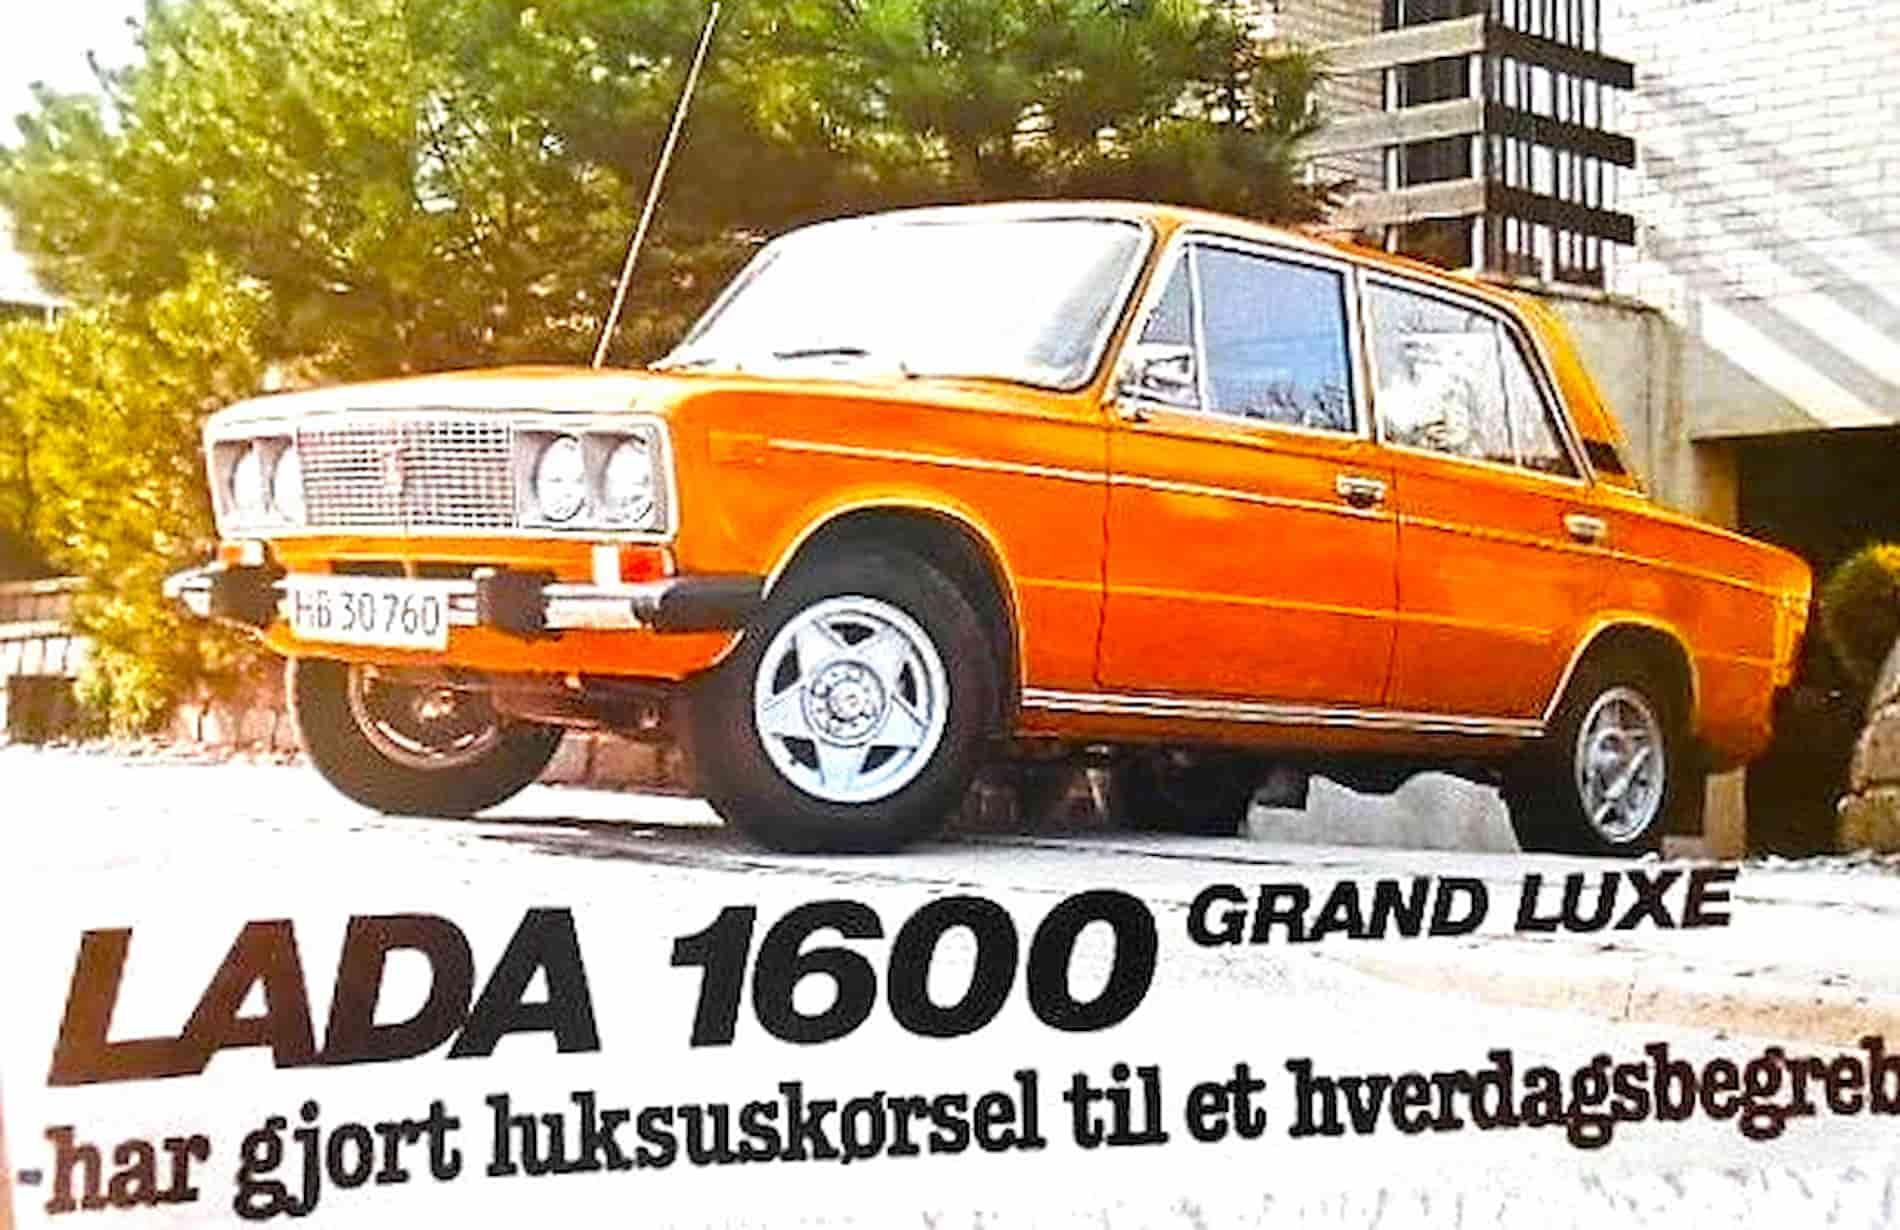 GAAAAgK3UuA 960